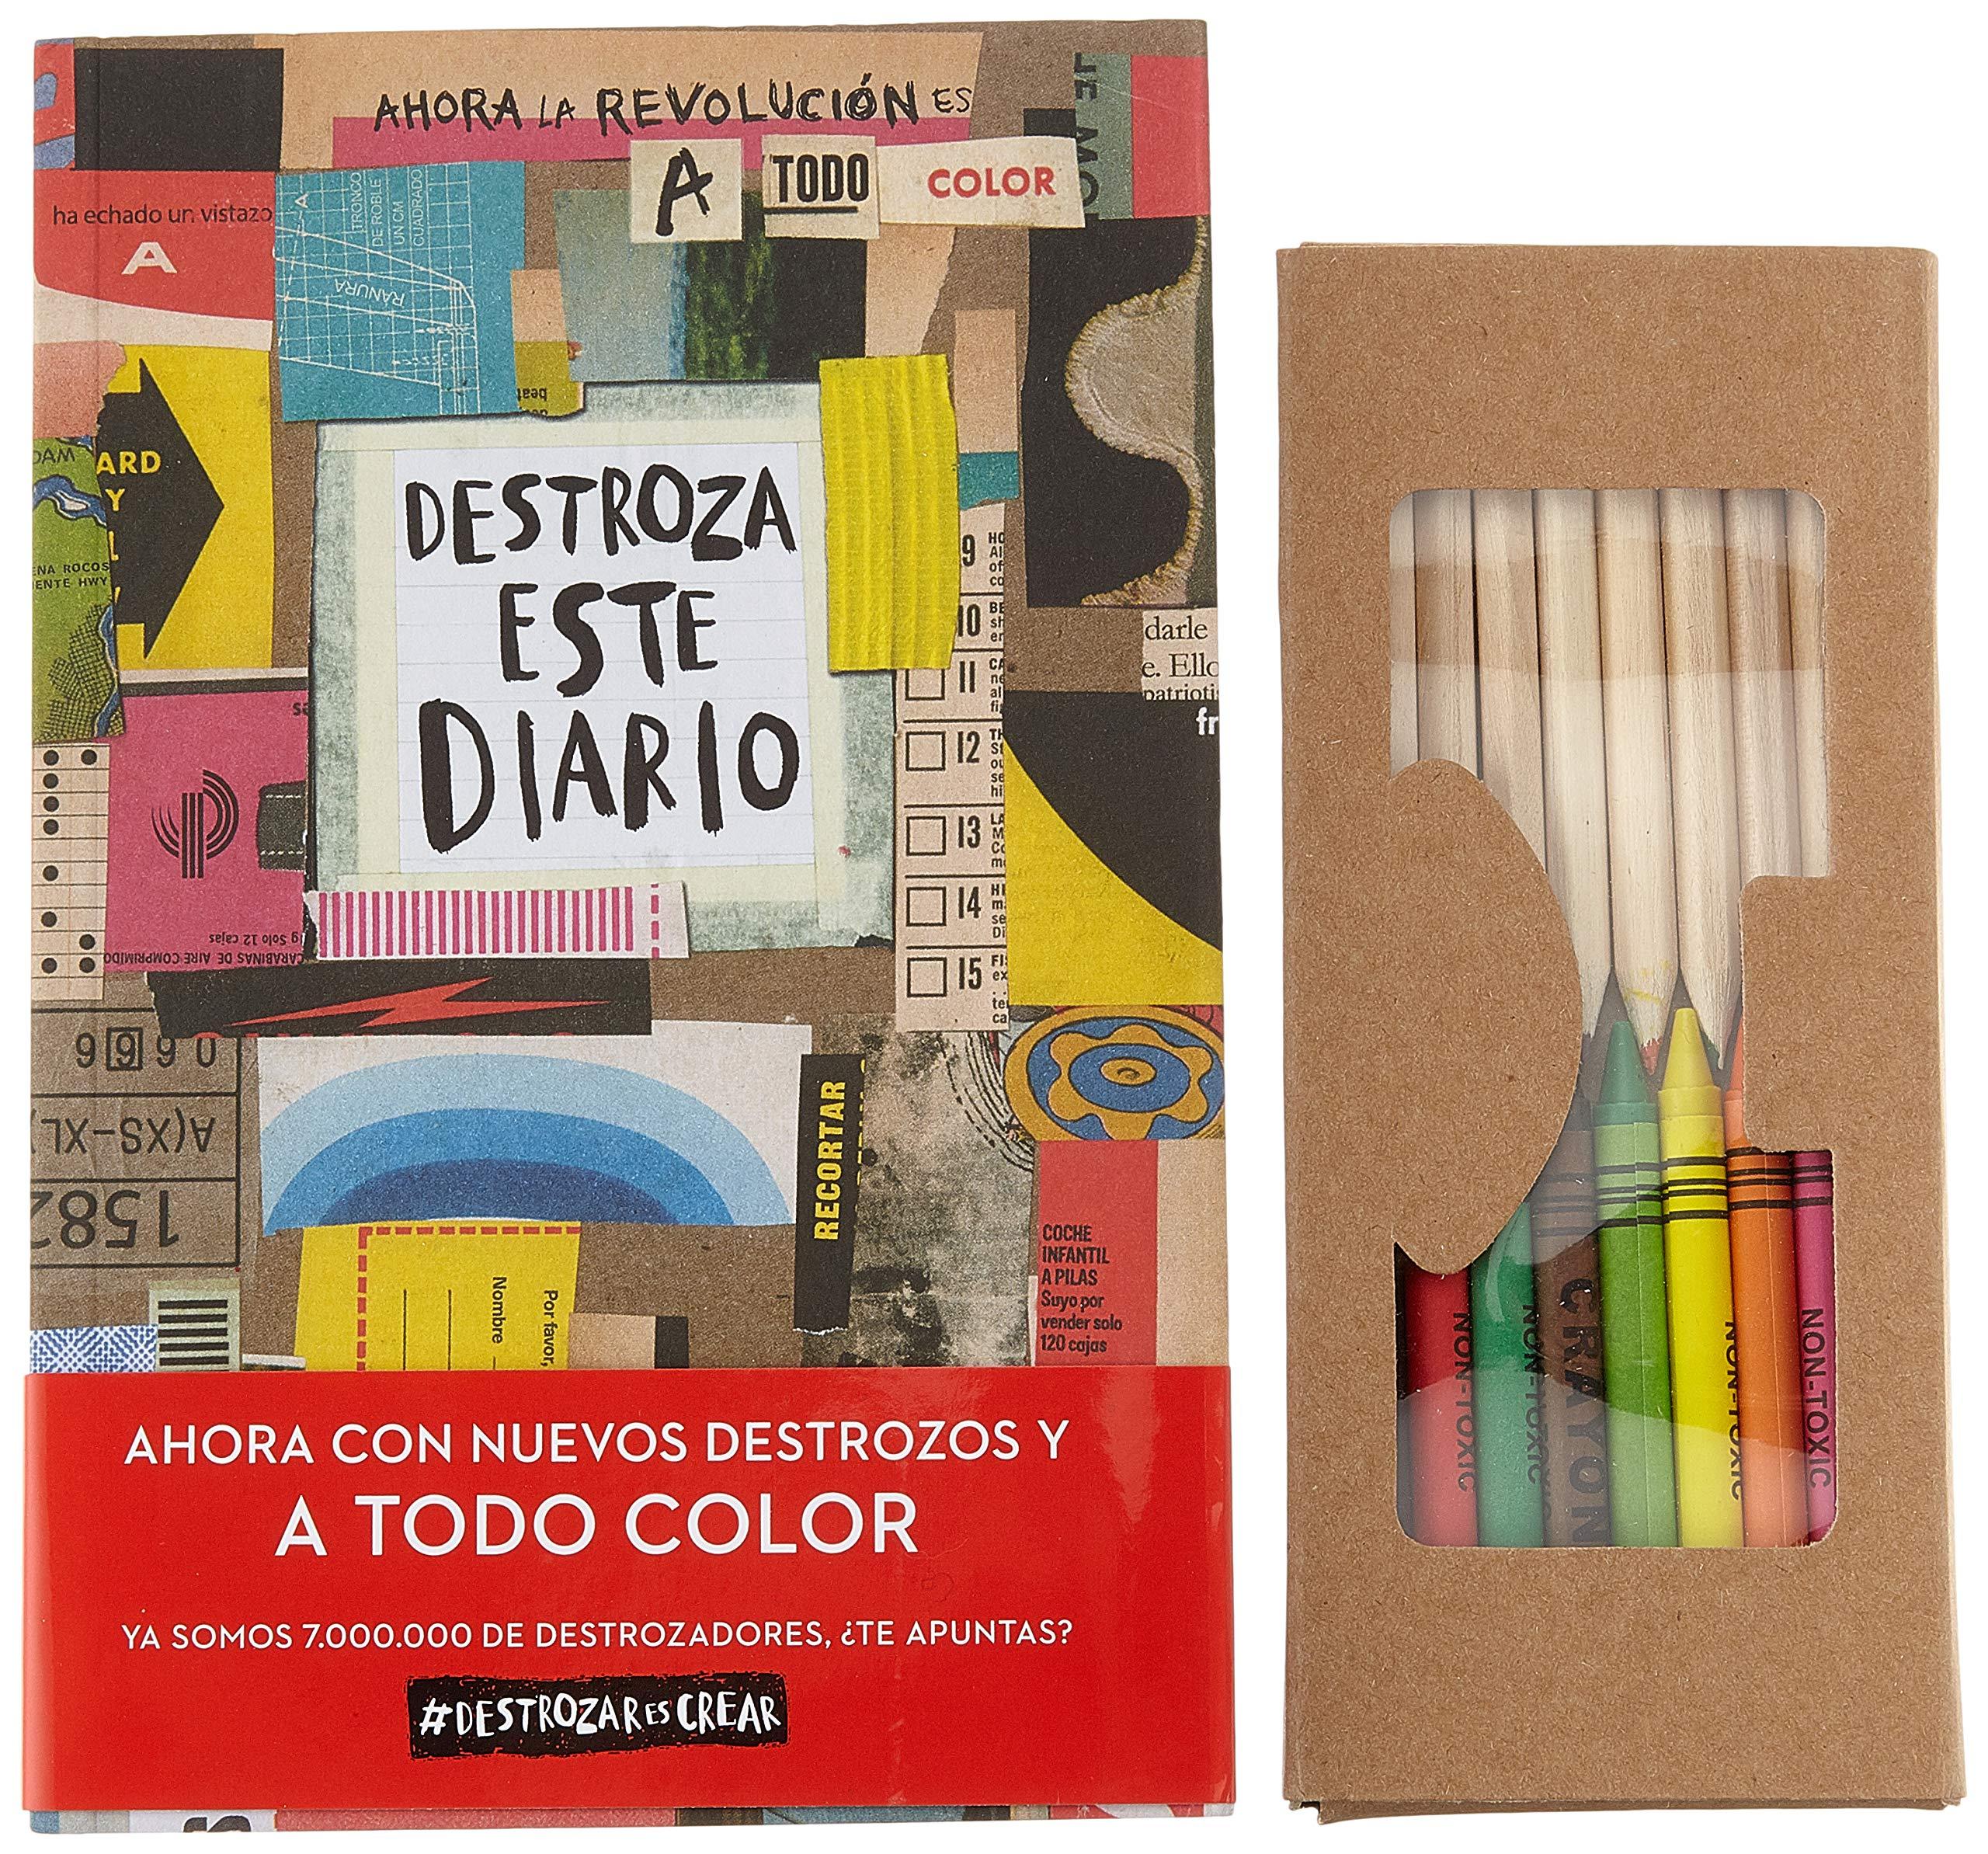 Pack Destroza este diario Navidad 2018 Libros Singulares: Amazon.es: Smith, Keri, Diéguez Diéguez, Remedios: Libros